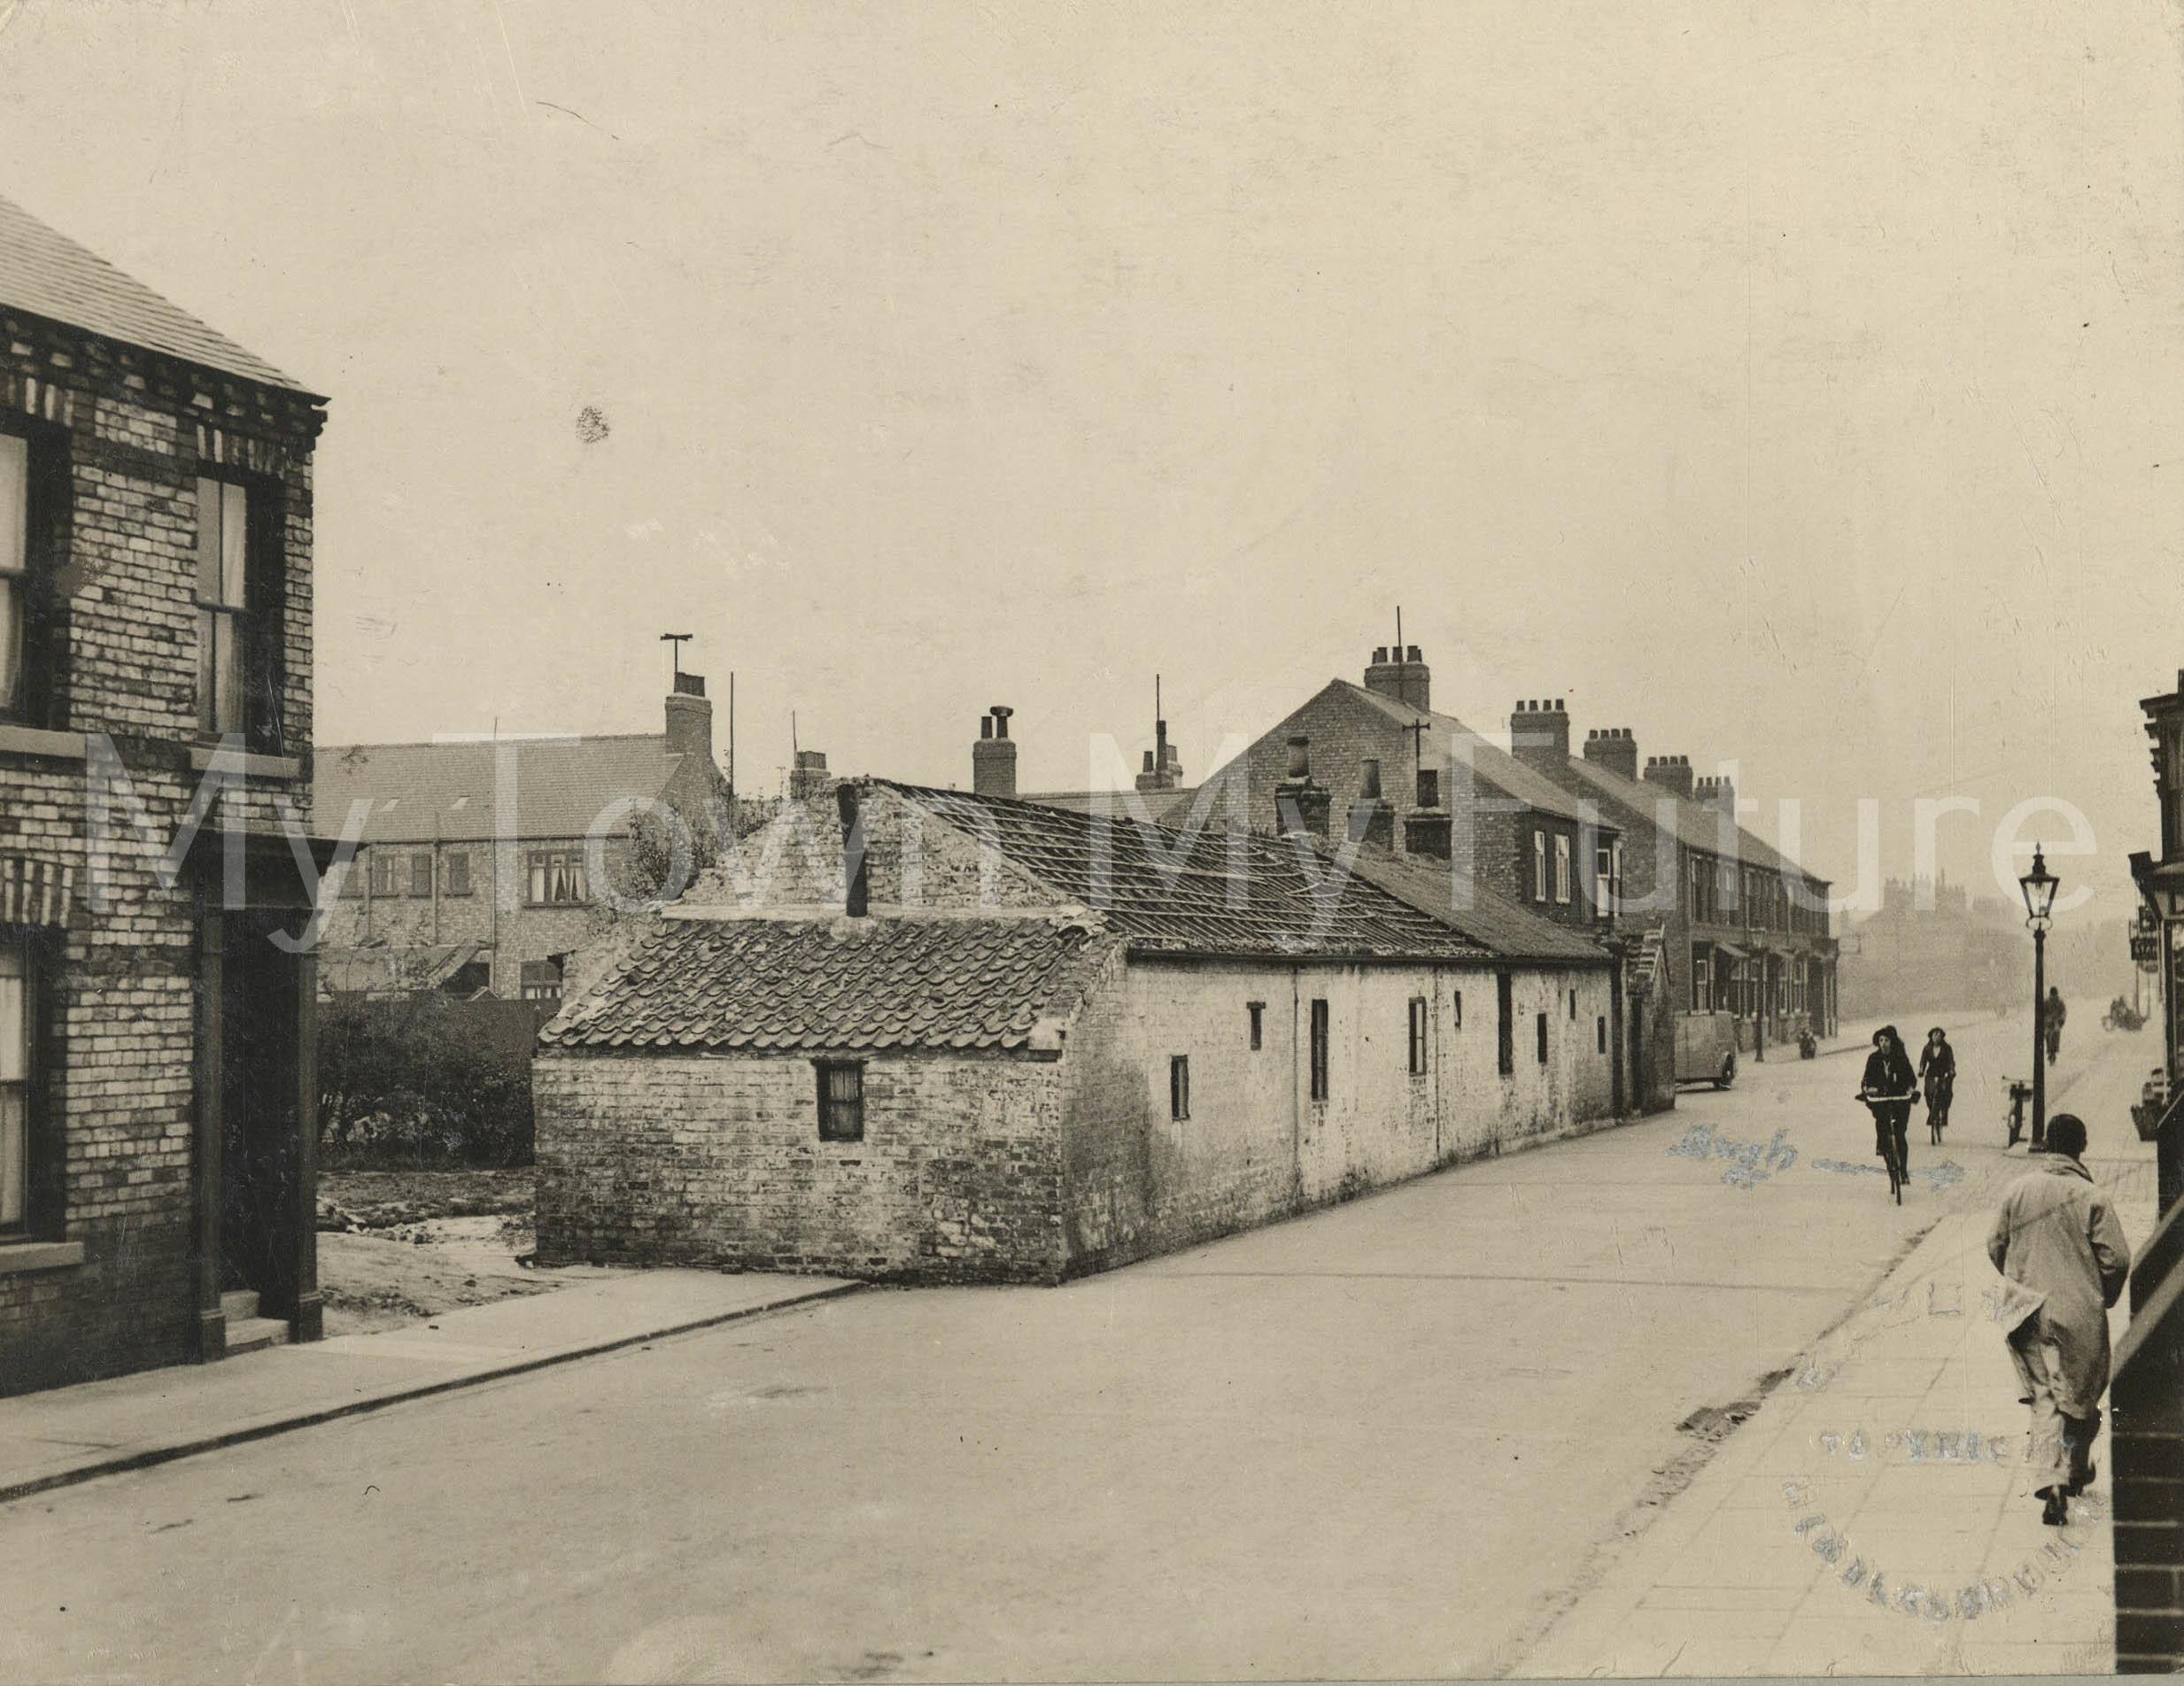 Demolition of old cottages. St Barnabas Road (1935)